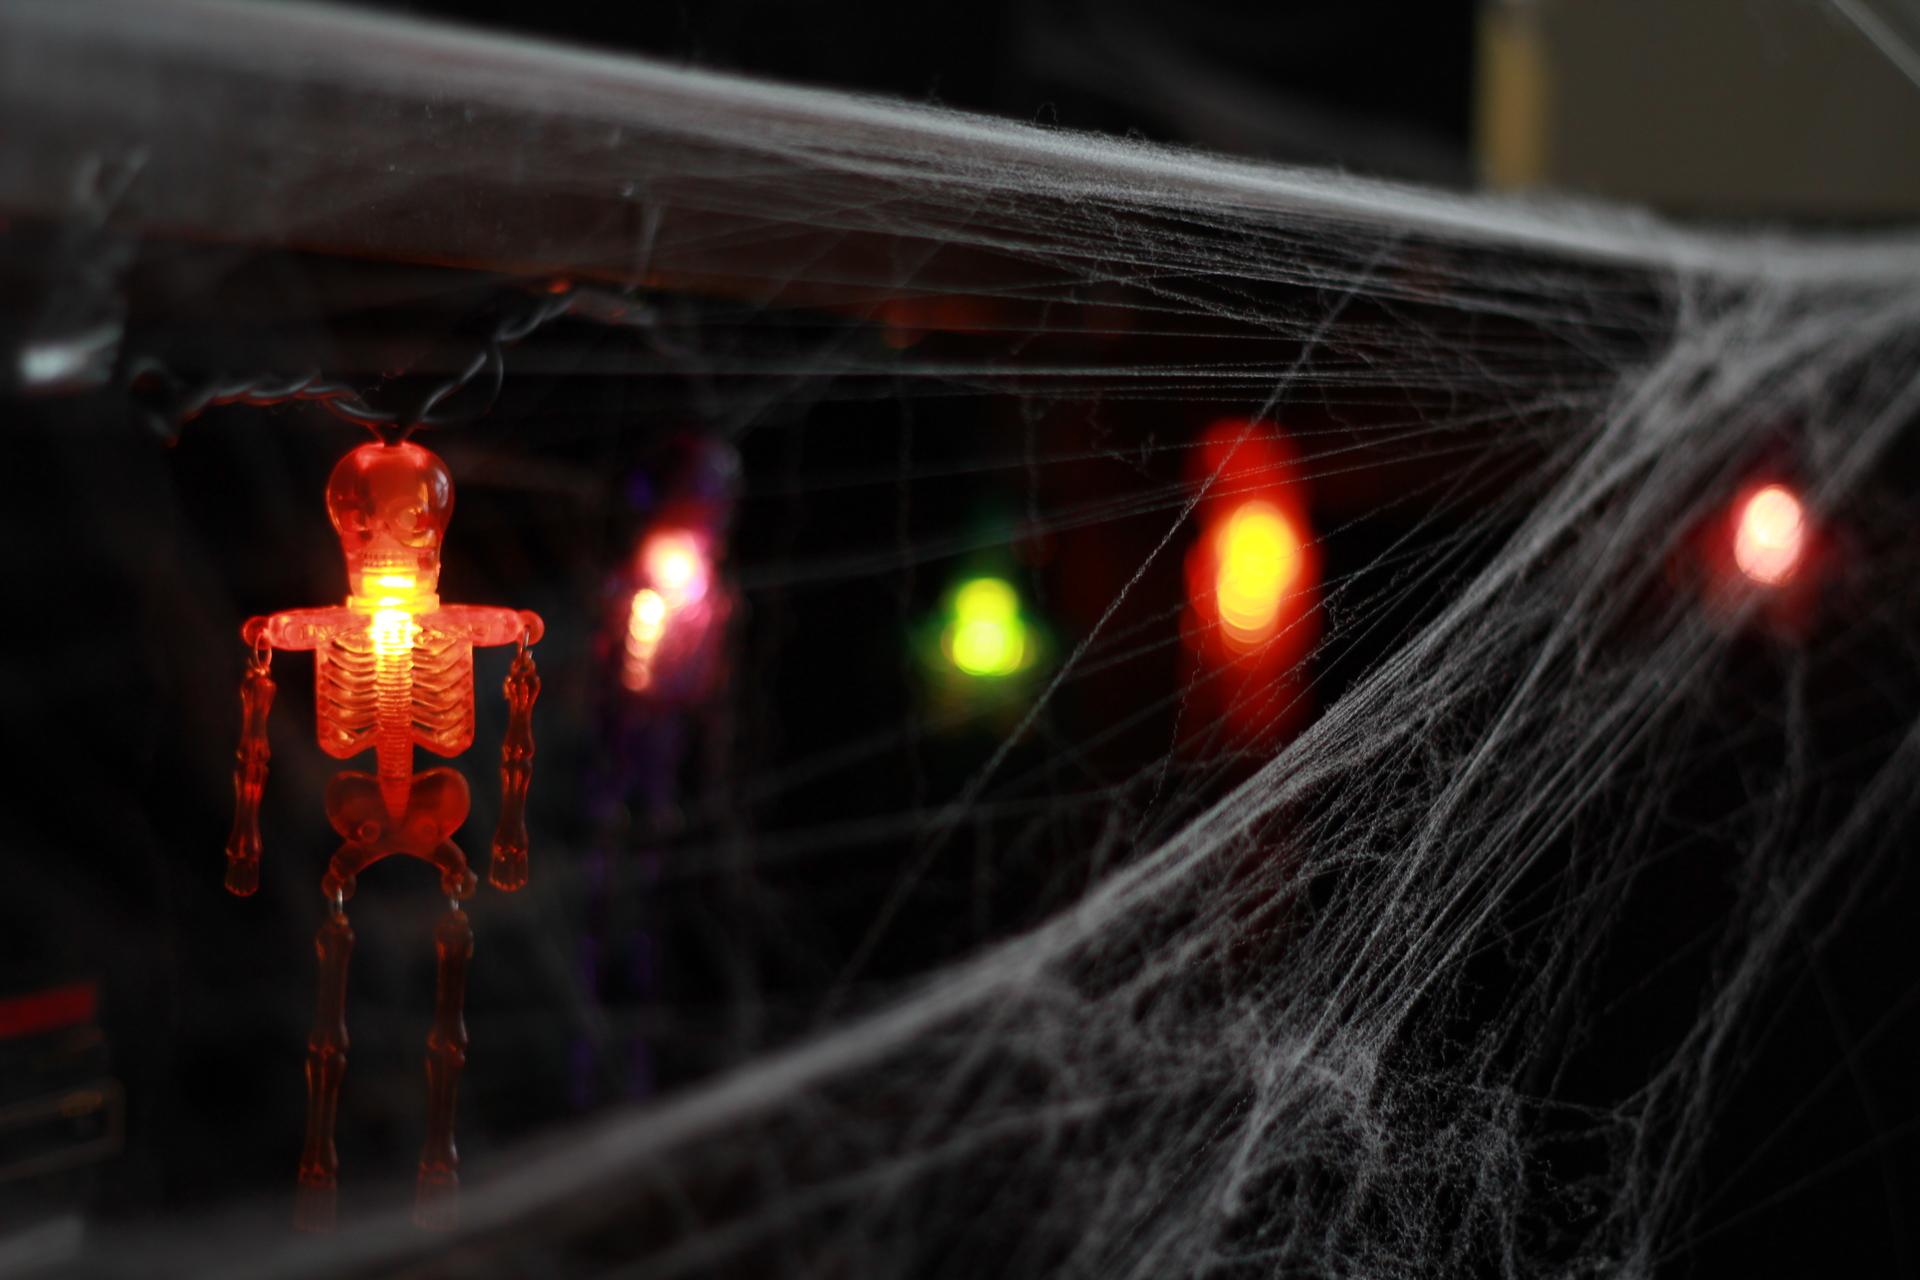 flame | insubstantial, danger, dark, illuminated